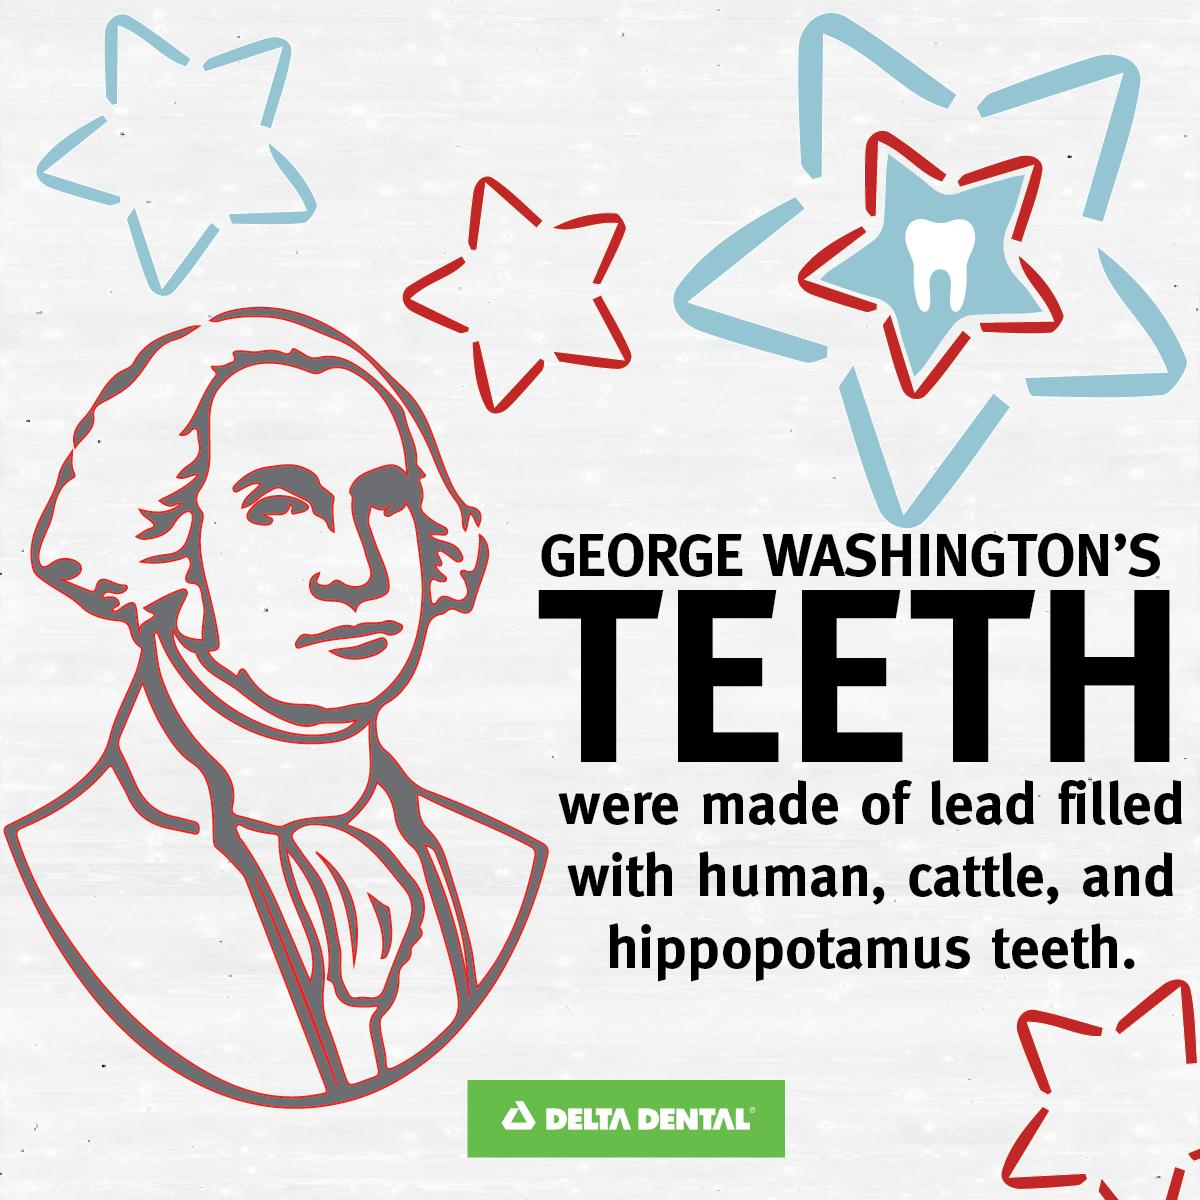 Washington's teeth weren't made of wood. His teeth were